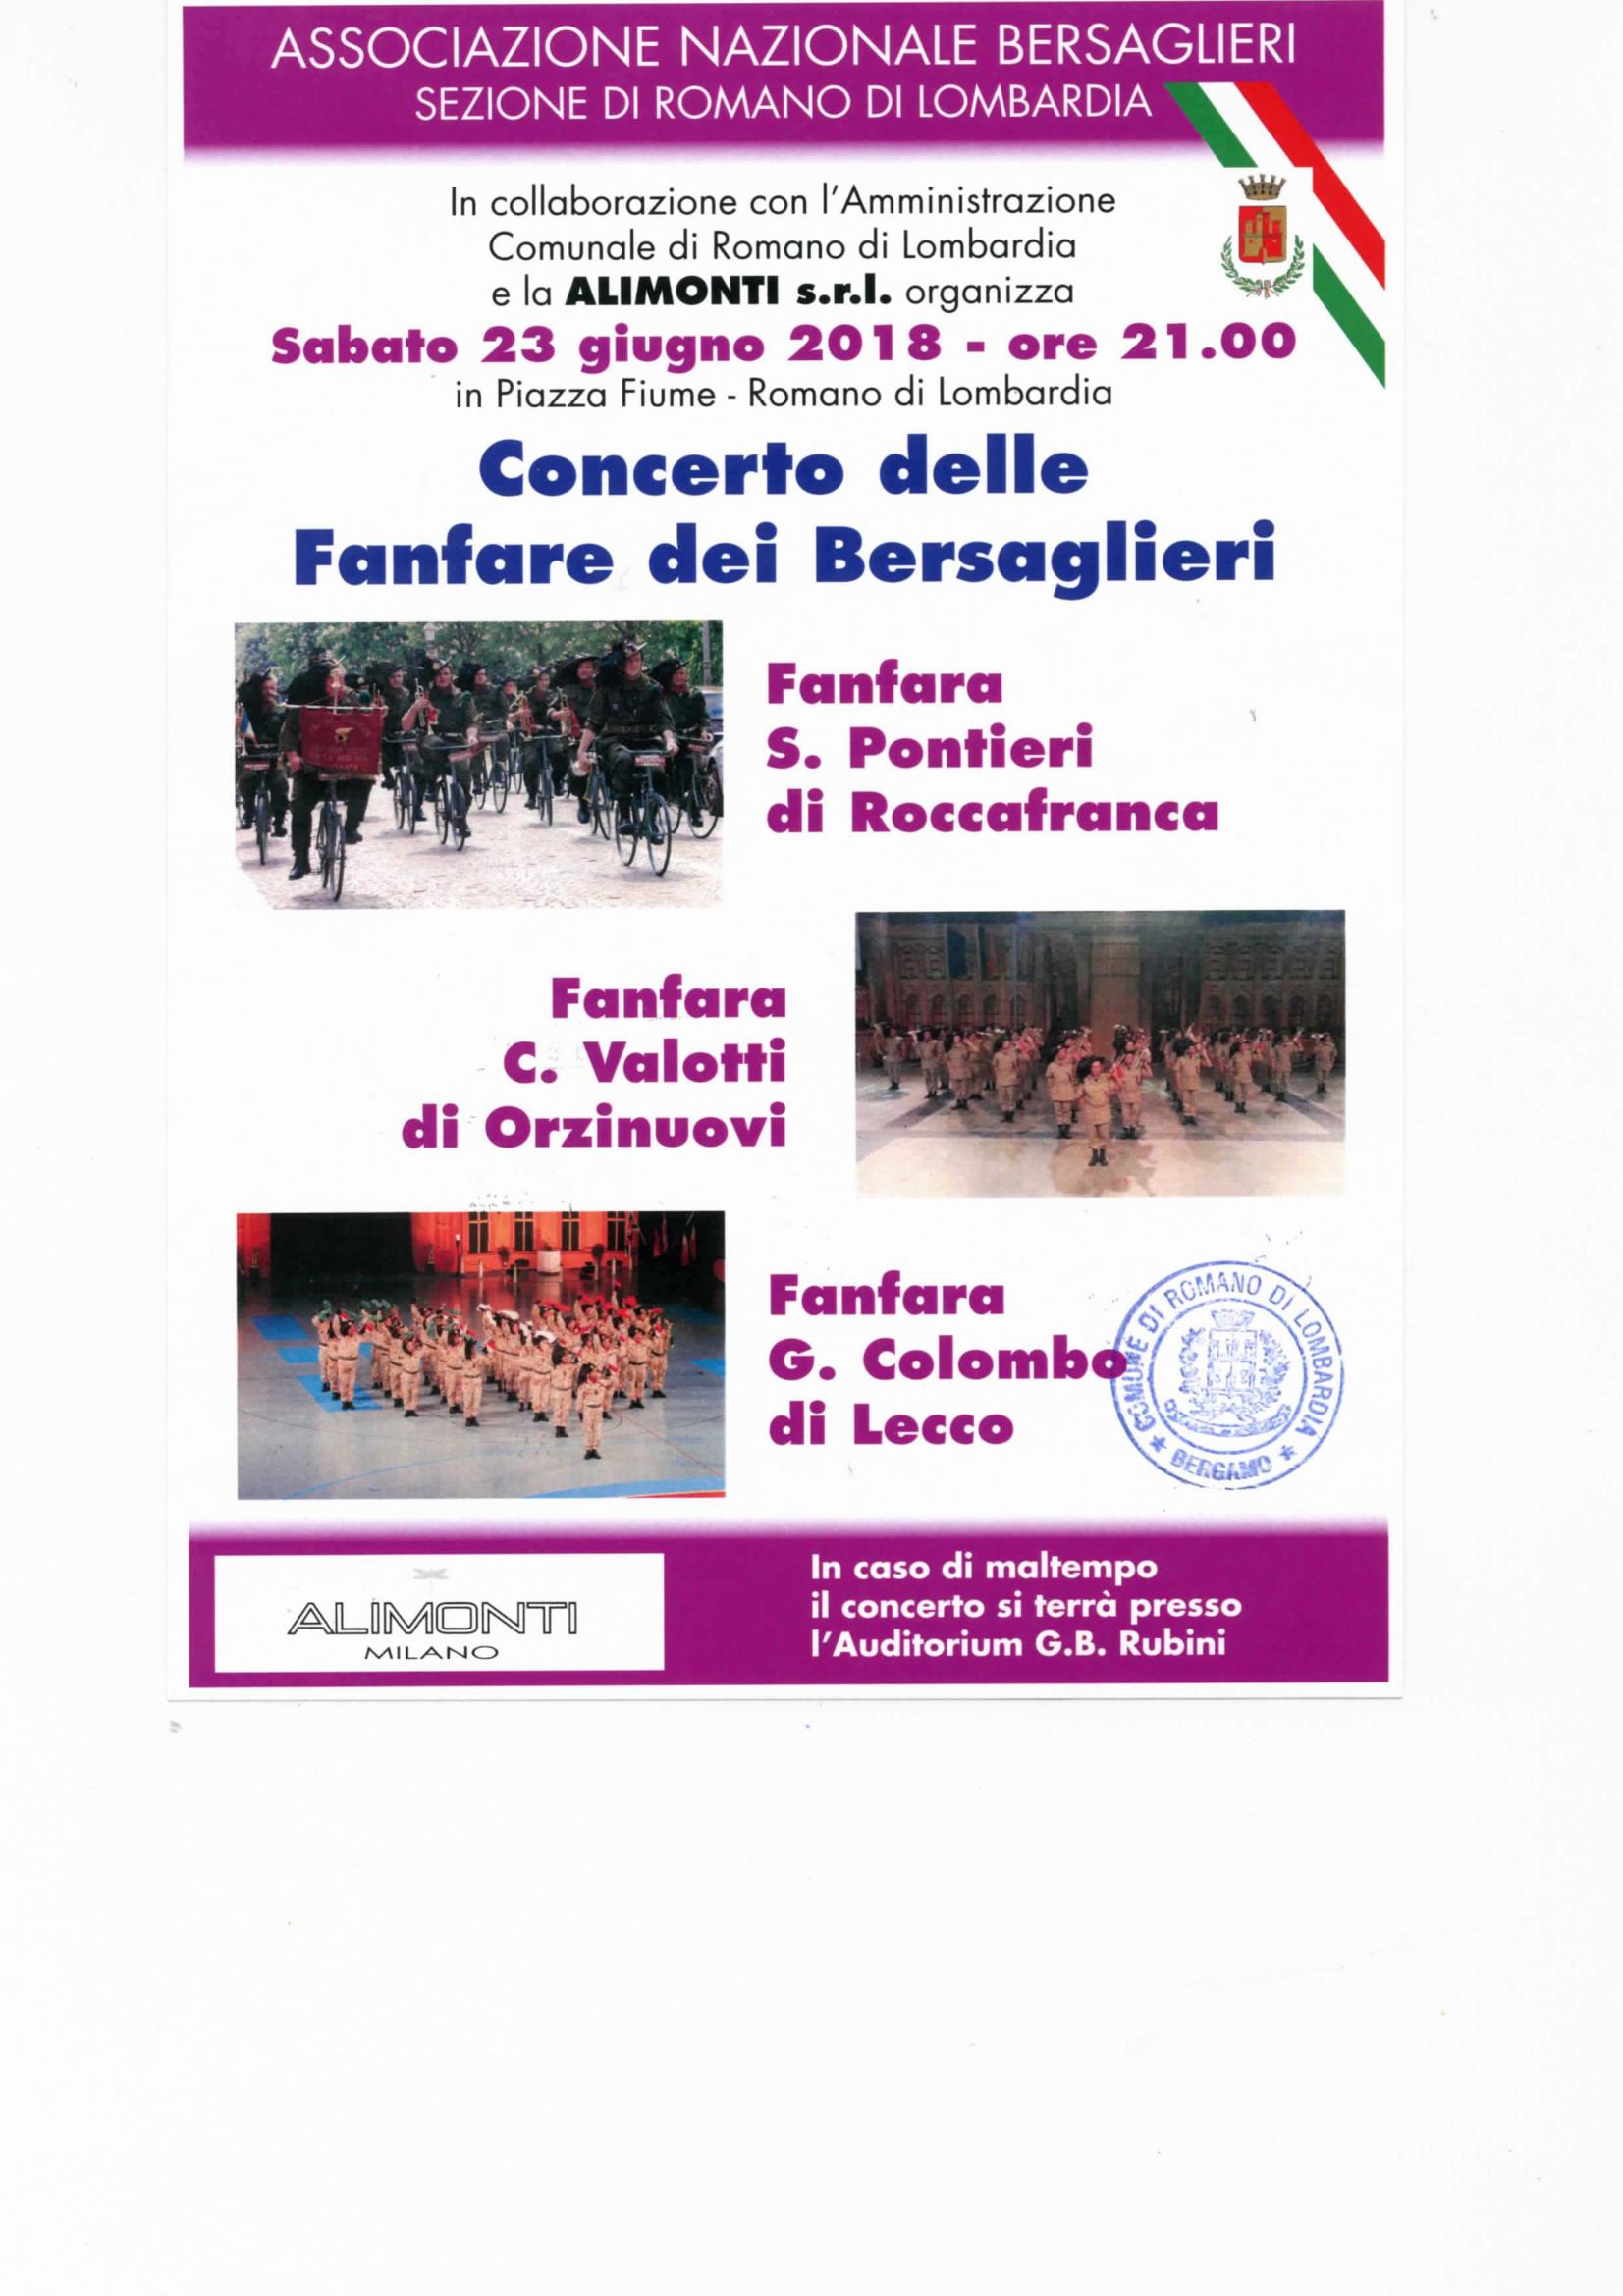 concerto-di-fanfare-a-romano-di-lombardia-23-06-18